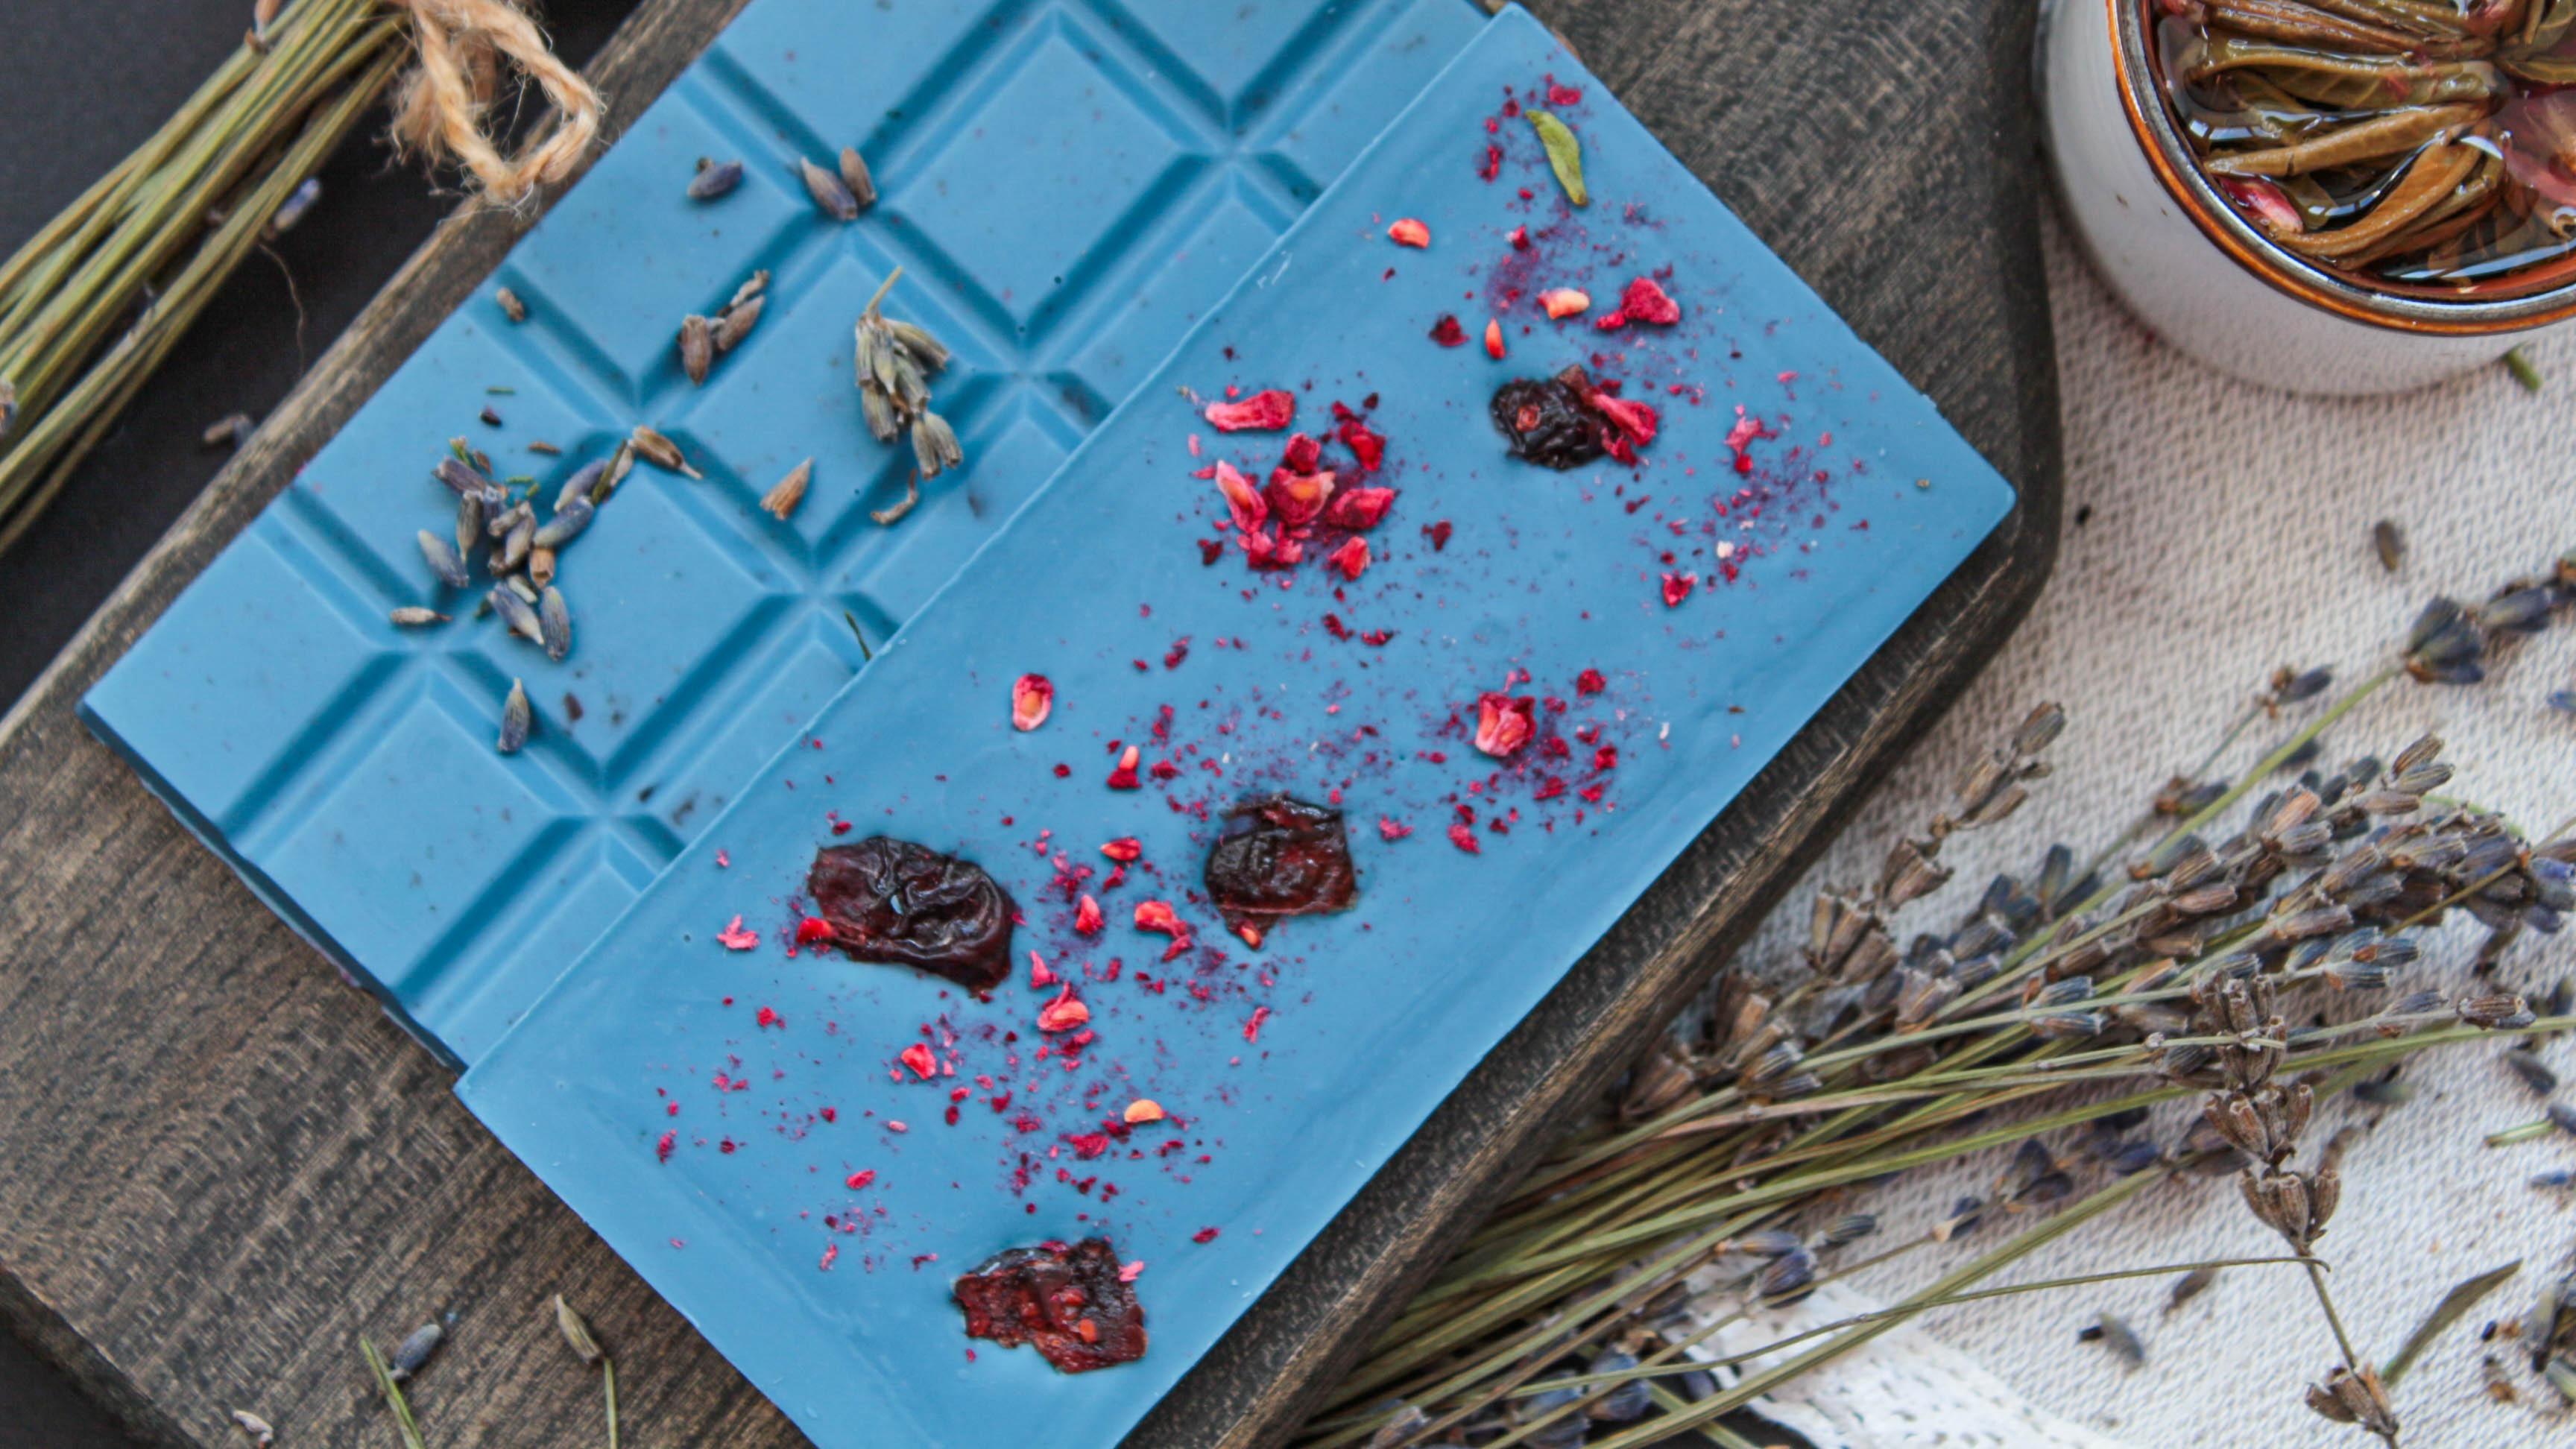 Лавандовый шоколад, изготовленный по технологии шоколатье европейских монархов